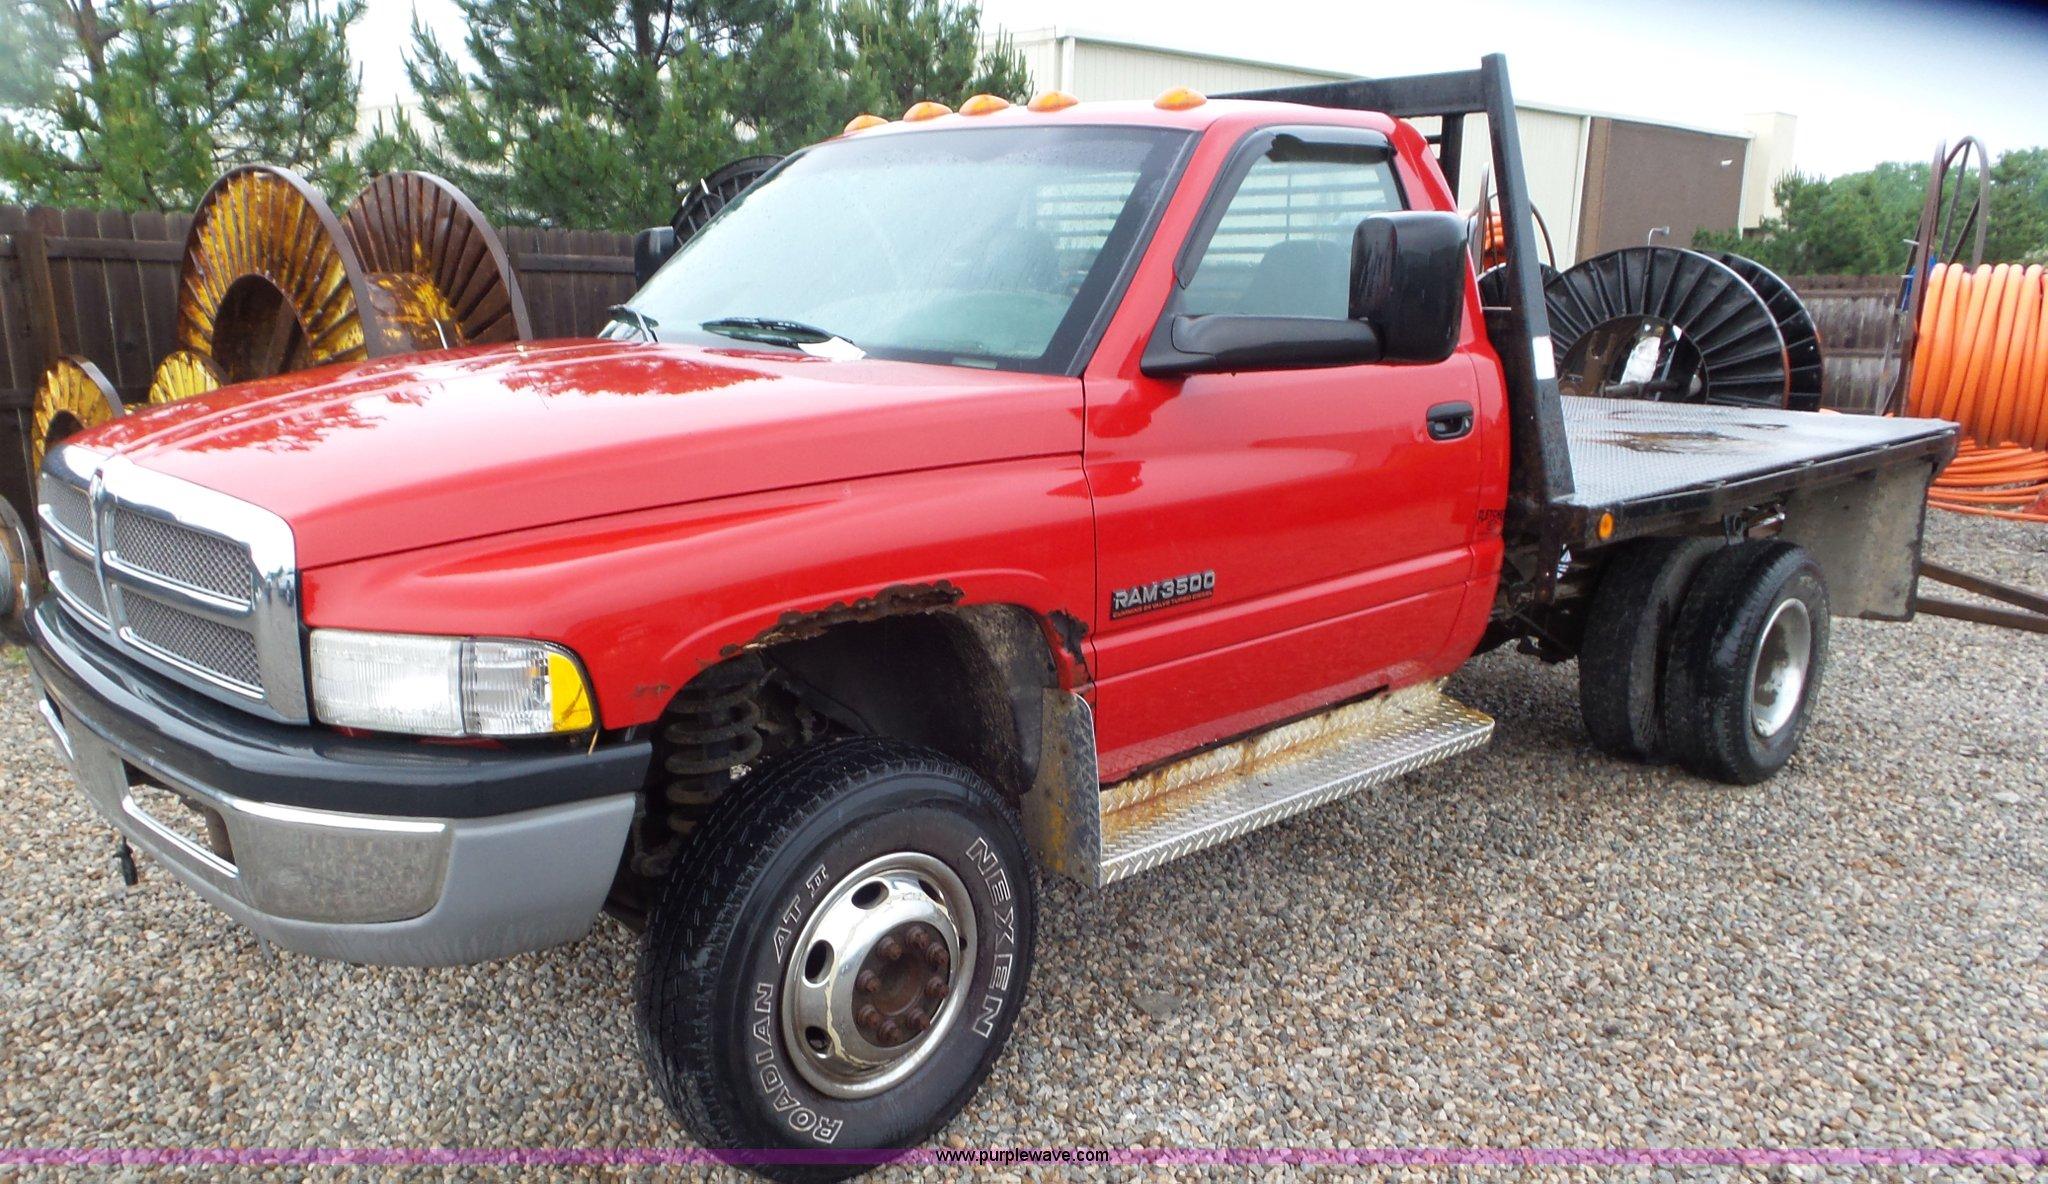 2001 Dodge Ram 3500 Flatbed Pickup Truck In Olathe Ks Item L2070 Sold Purple Wave